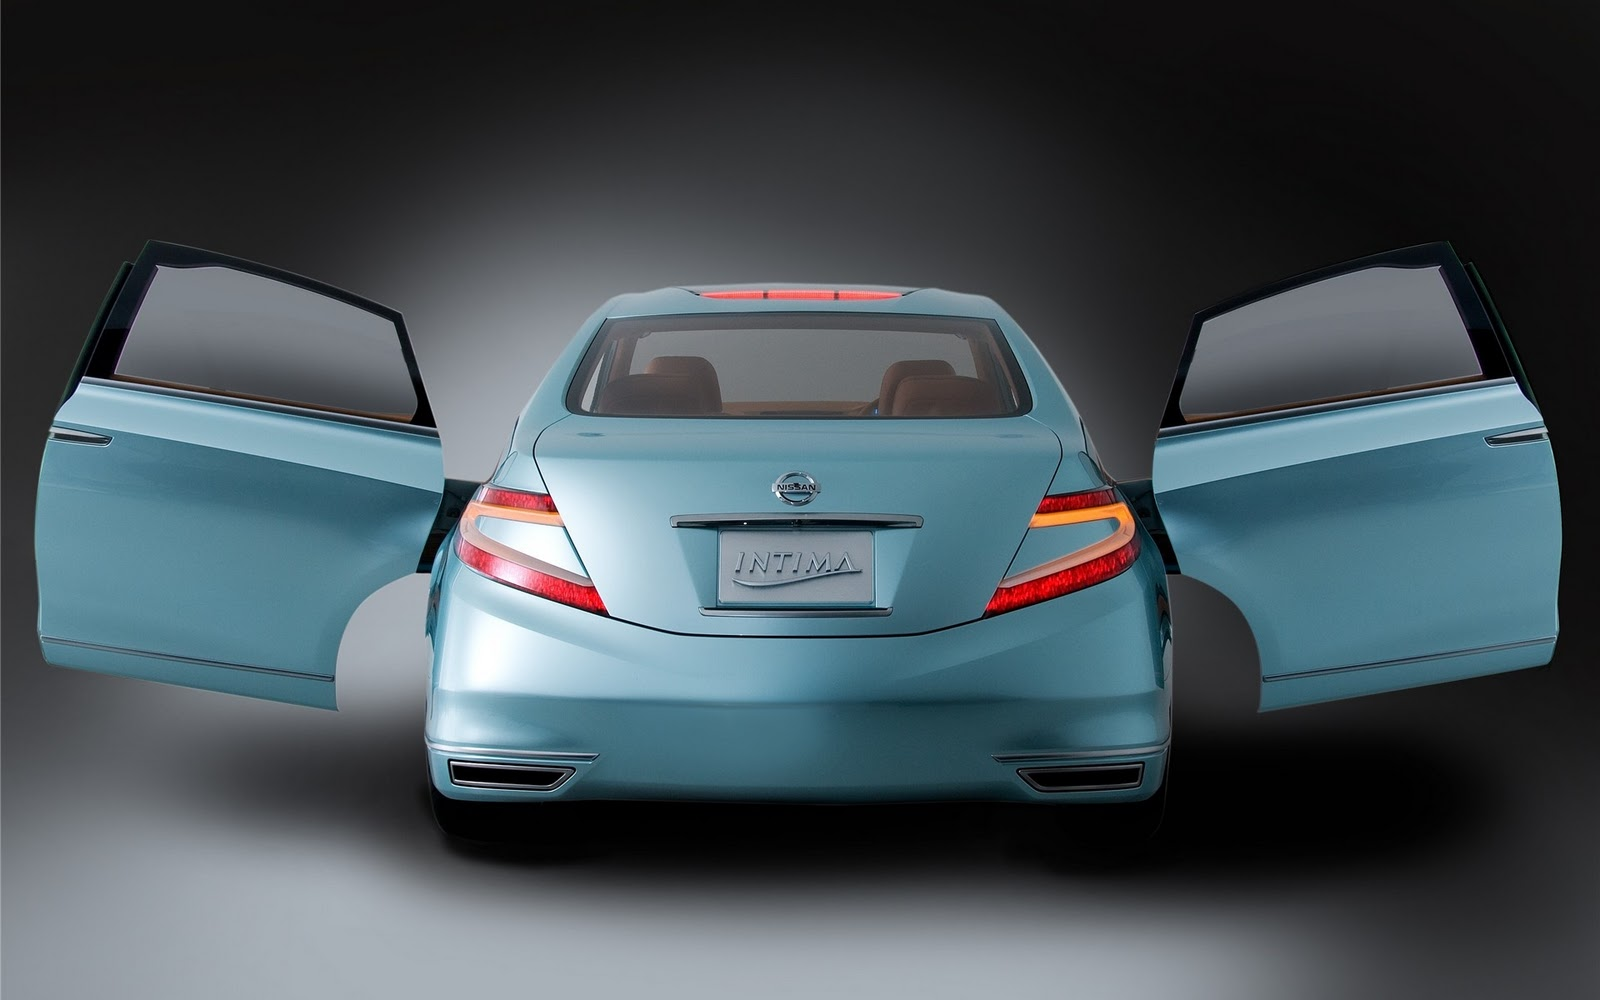 Nissan Intima Car Hd Wallpaper